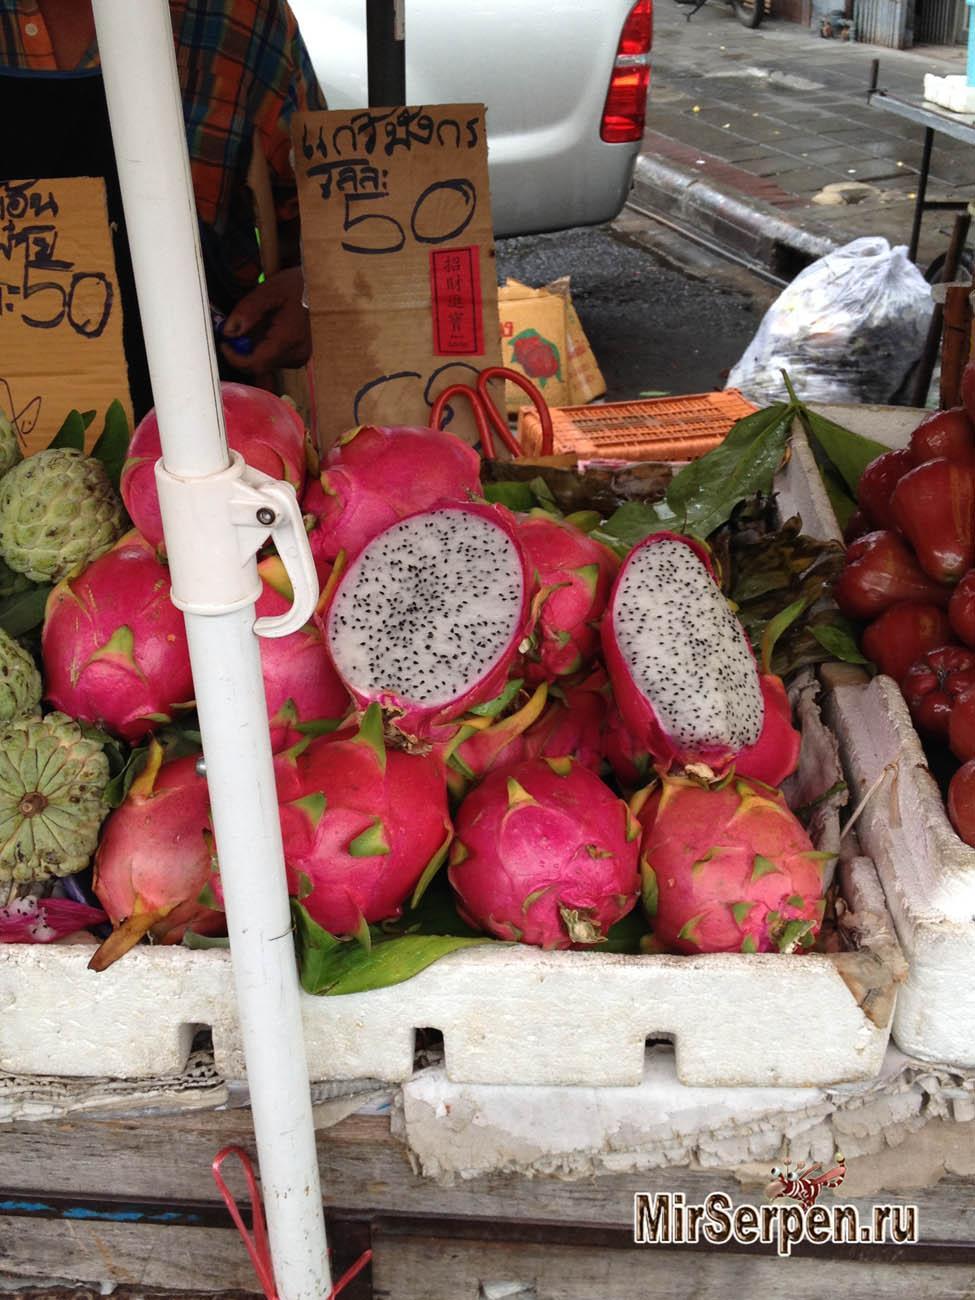 Таиланд: осторожно - соки и фрукты